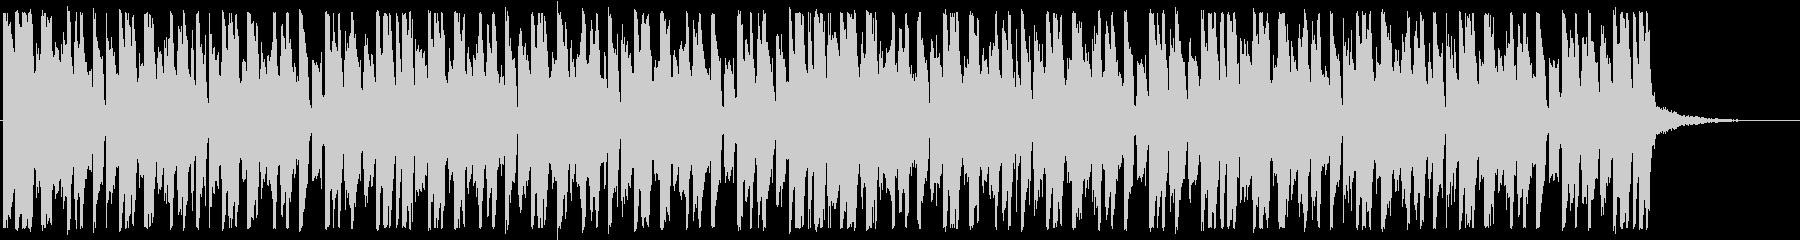 キラキラ/ハウス_No484_4の未再生の波形